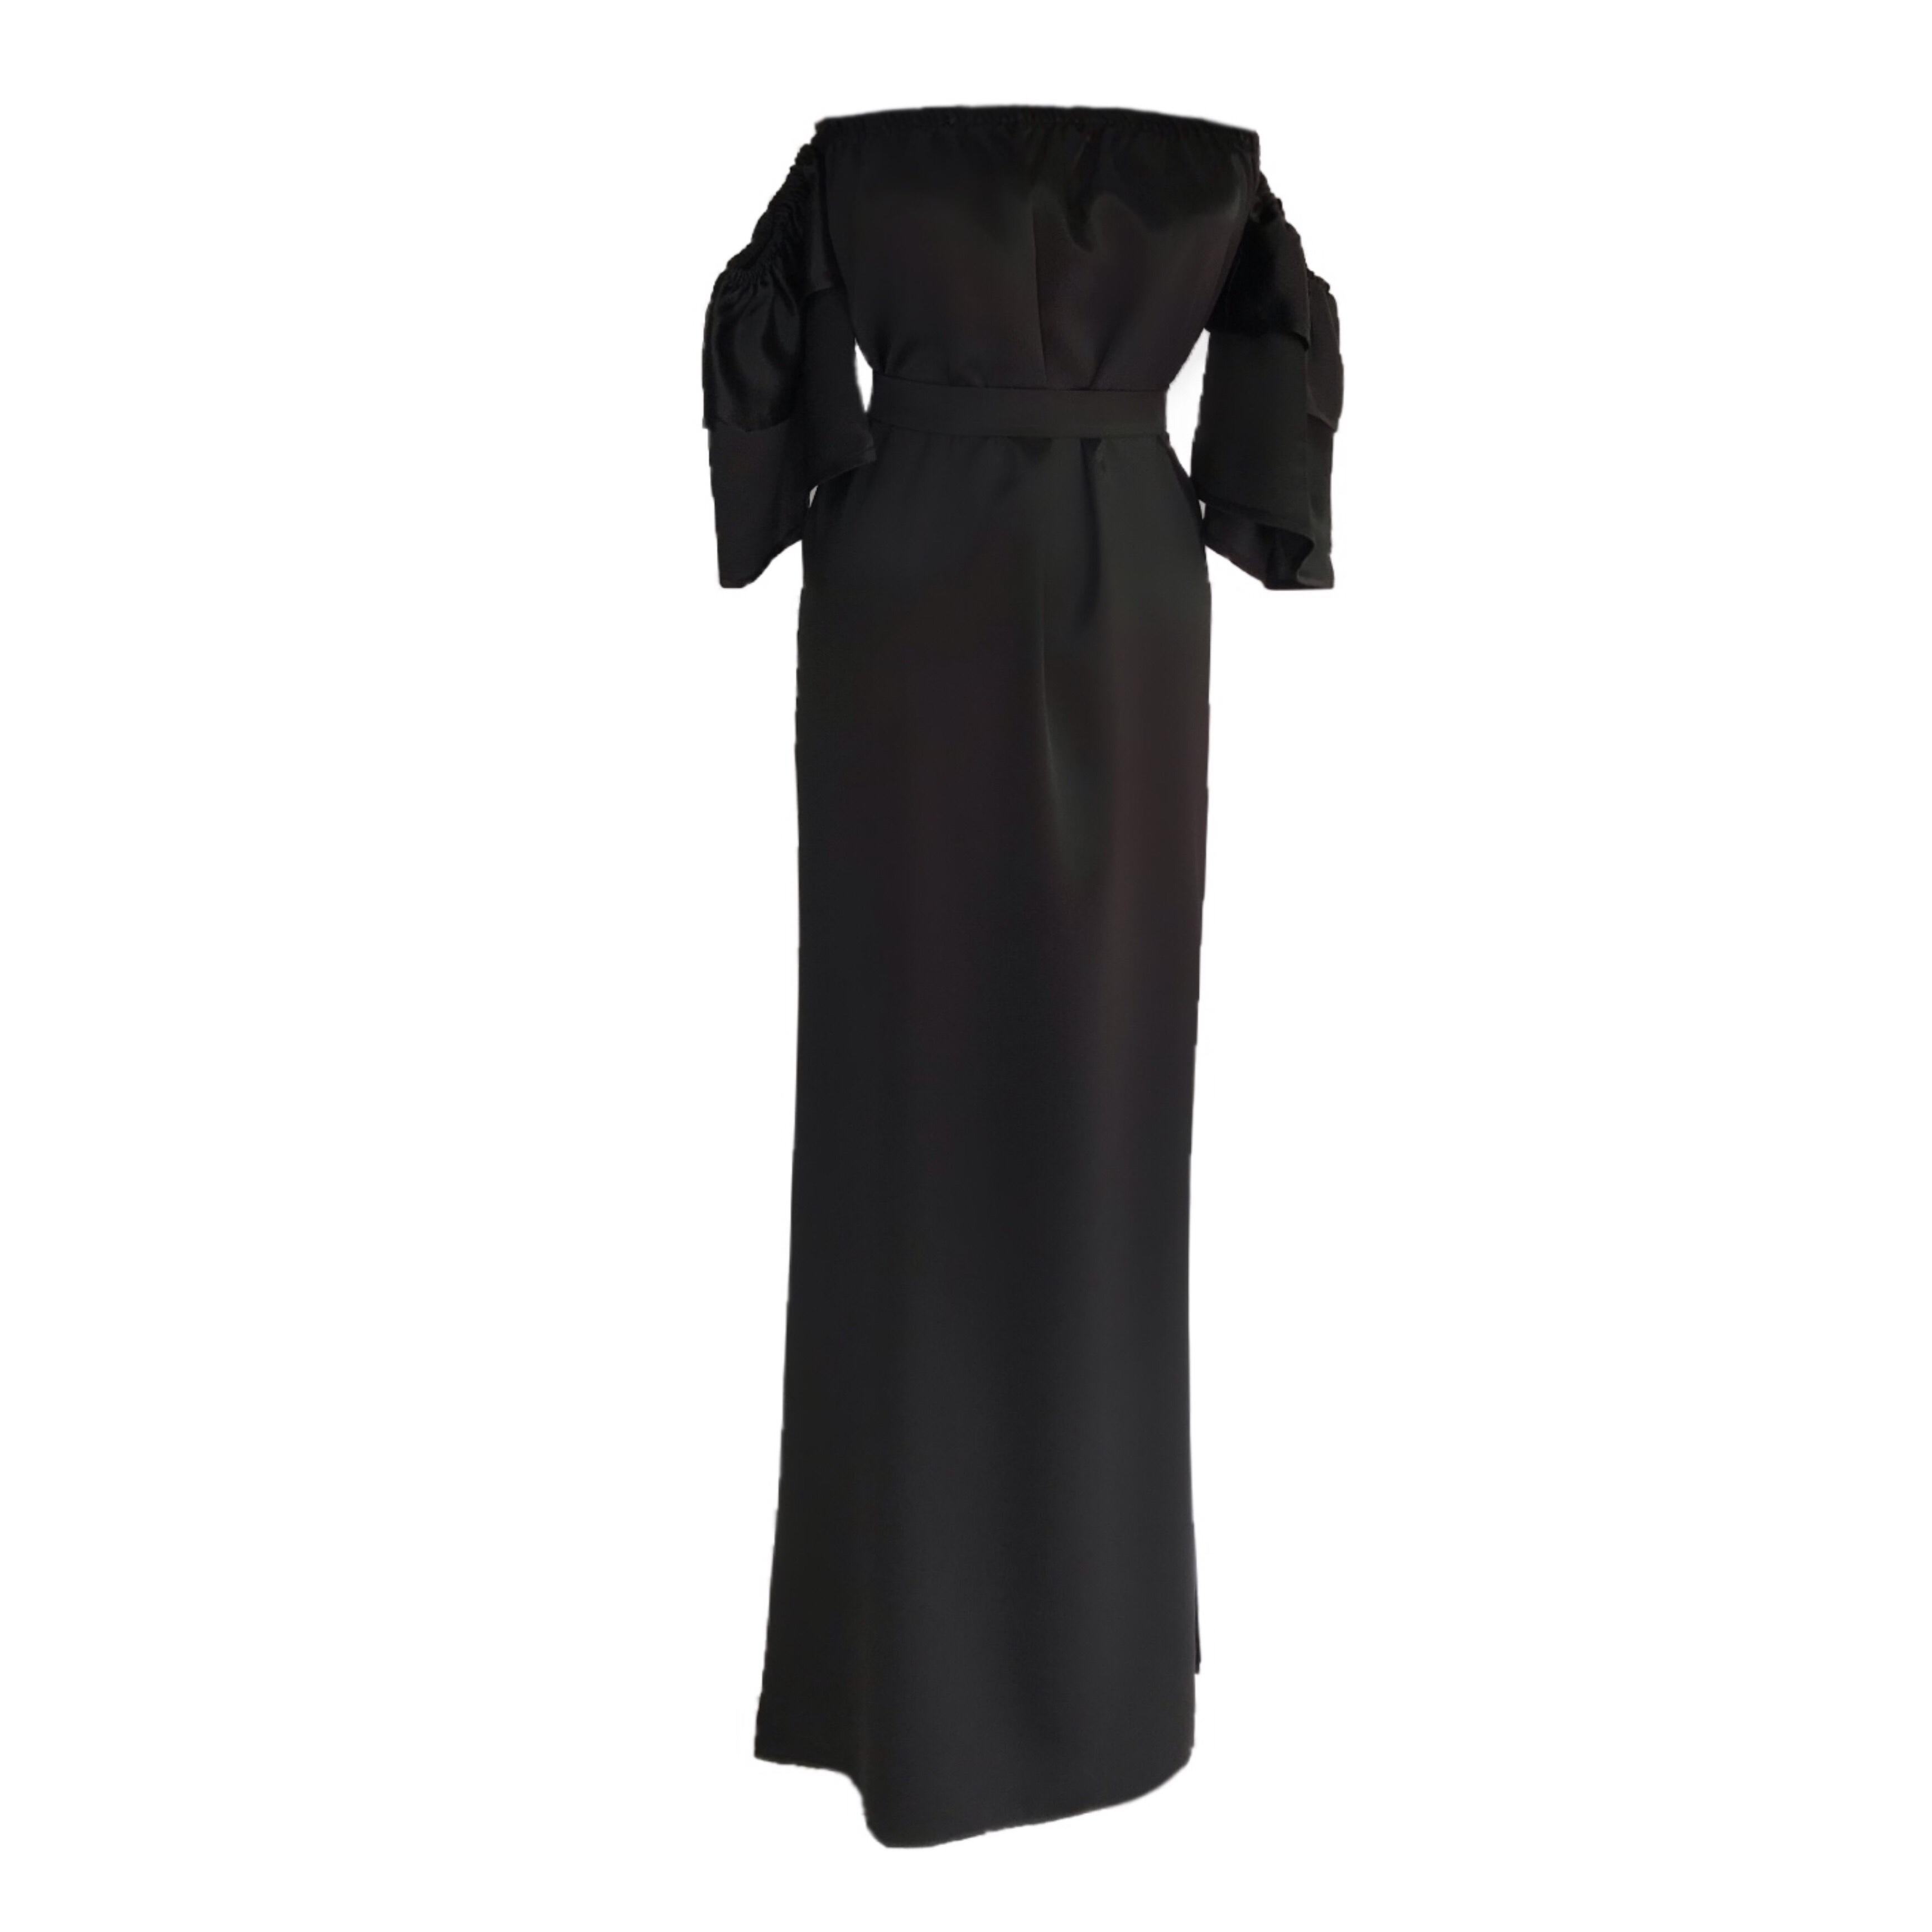 DIDEMΛYDIN Siyah Saten Elbise